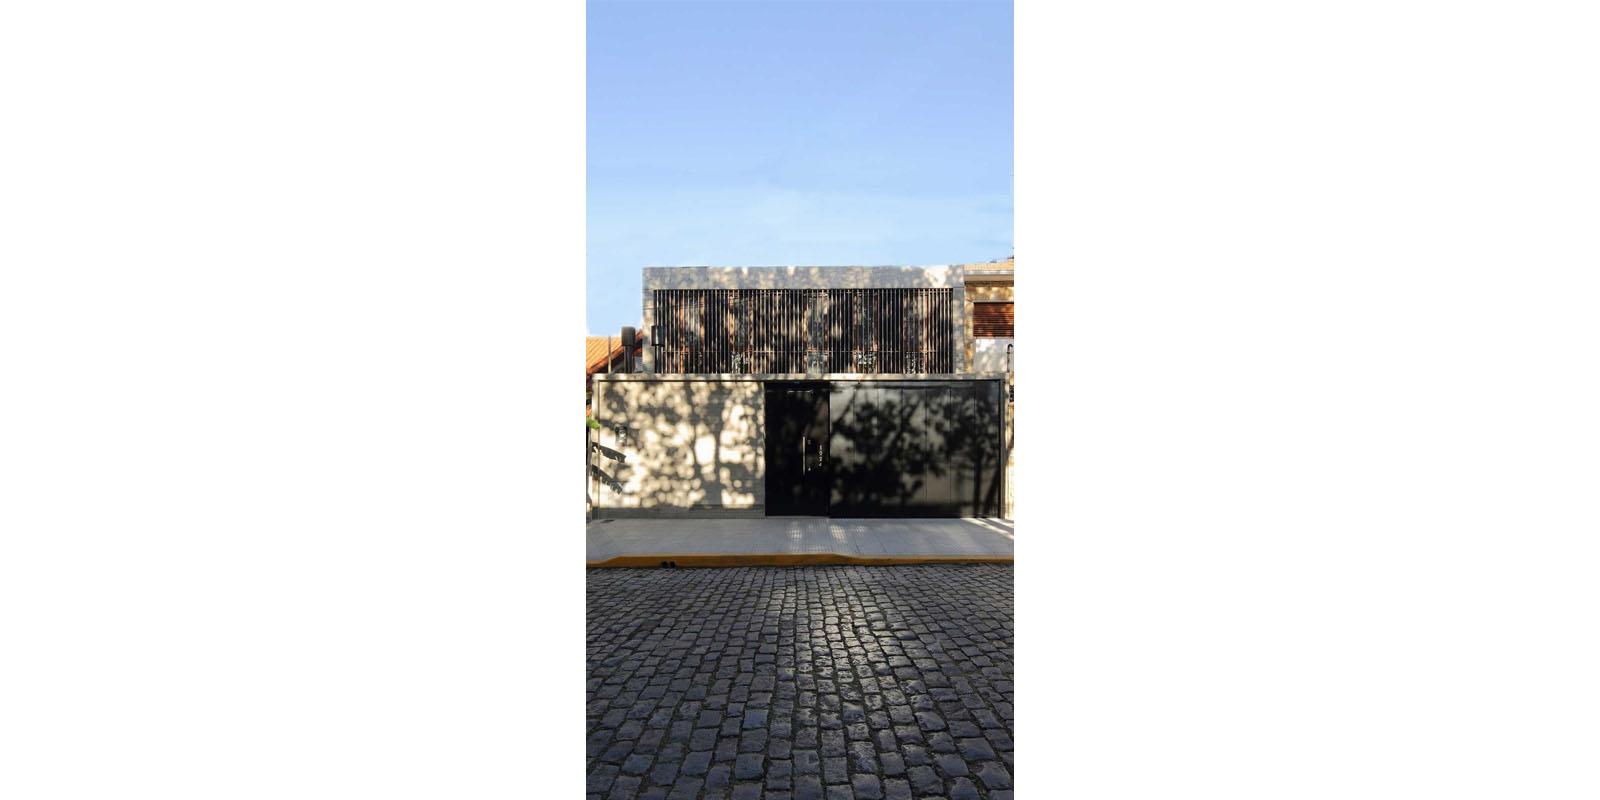 ProyectoC_Arquitectos_Portfolio_01_CasaBeiro